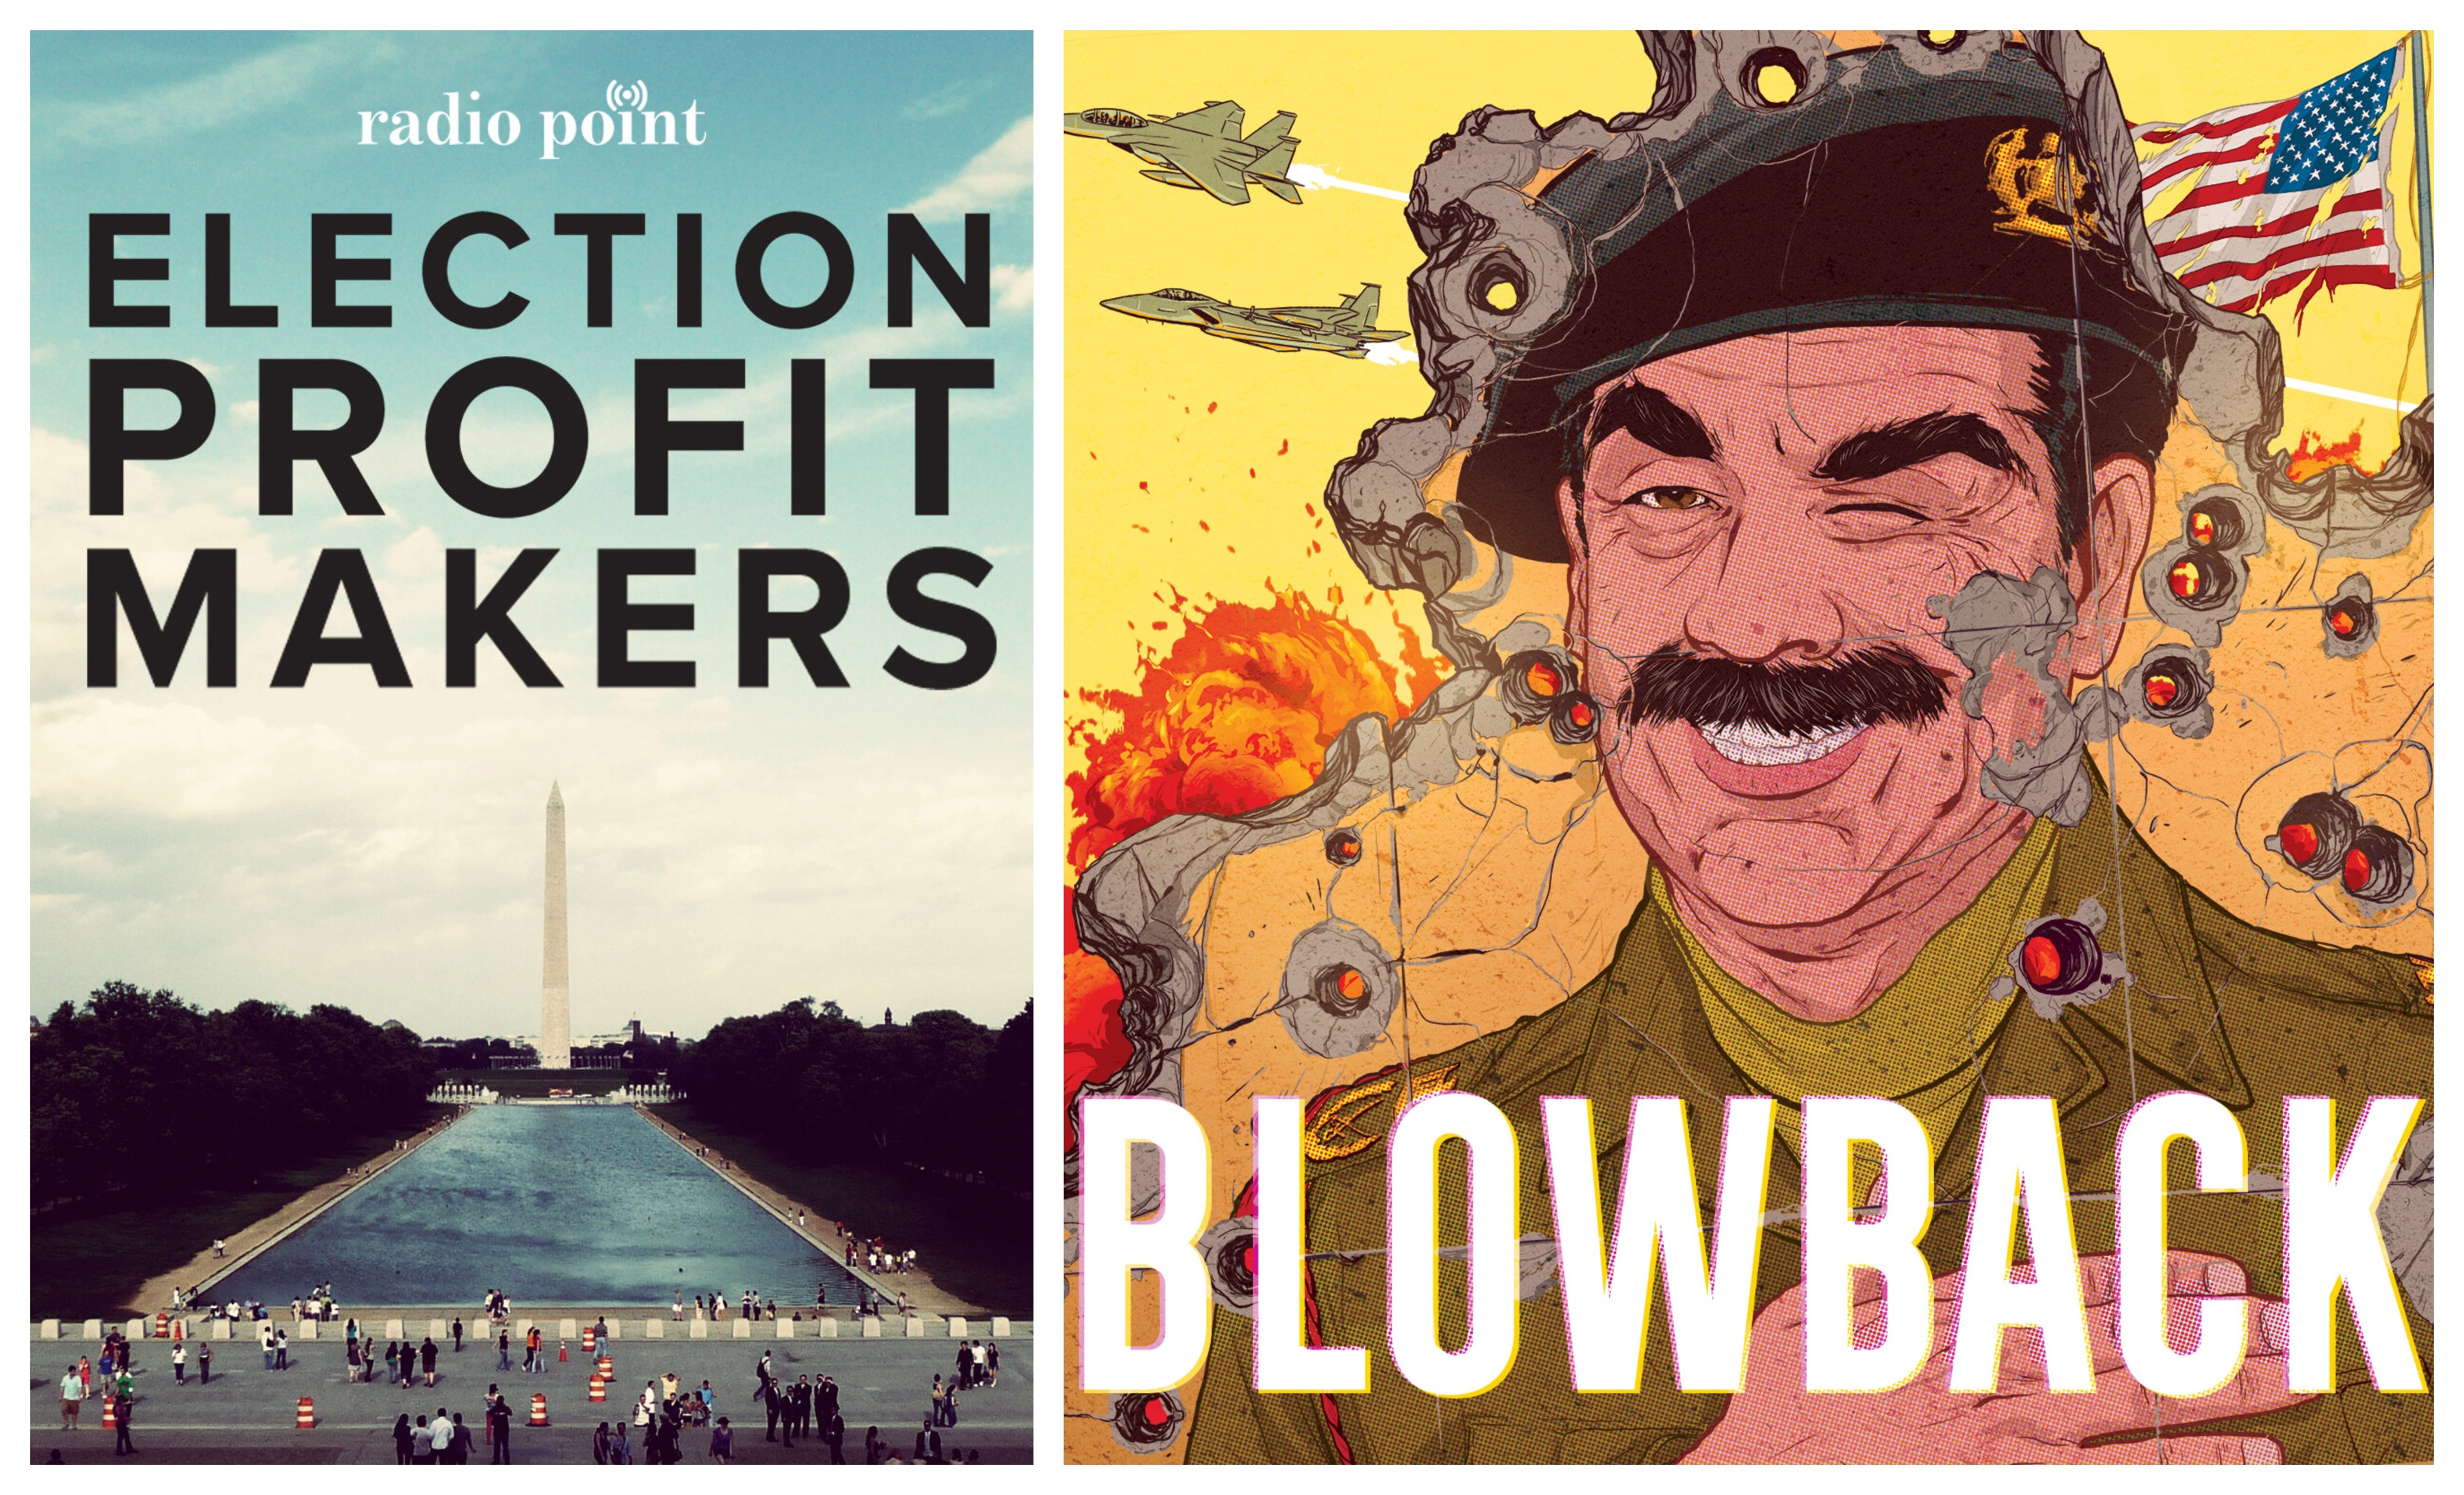 Election Profit Makers - Blowback